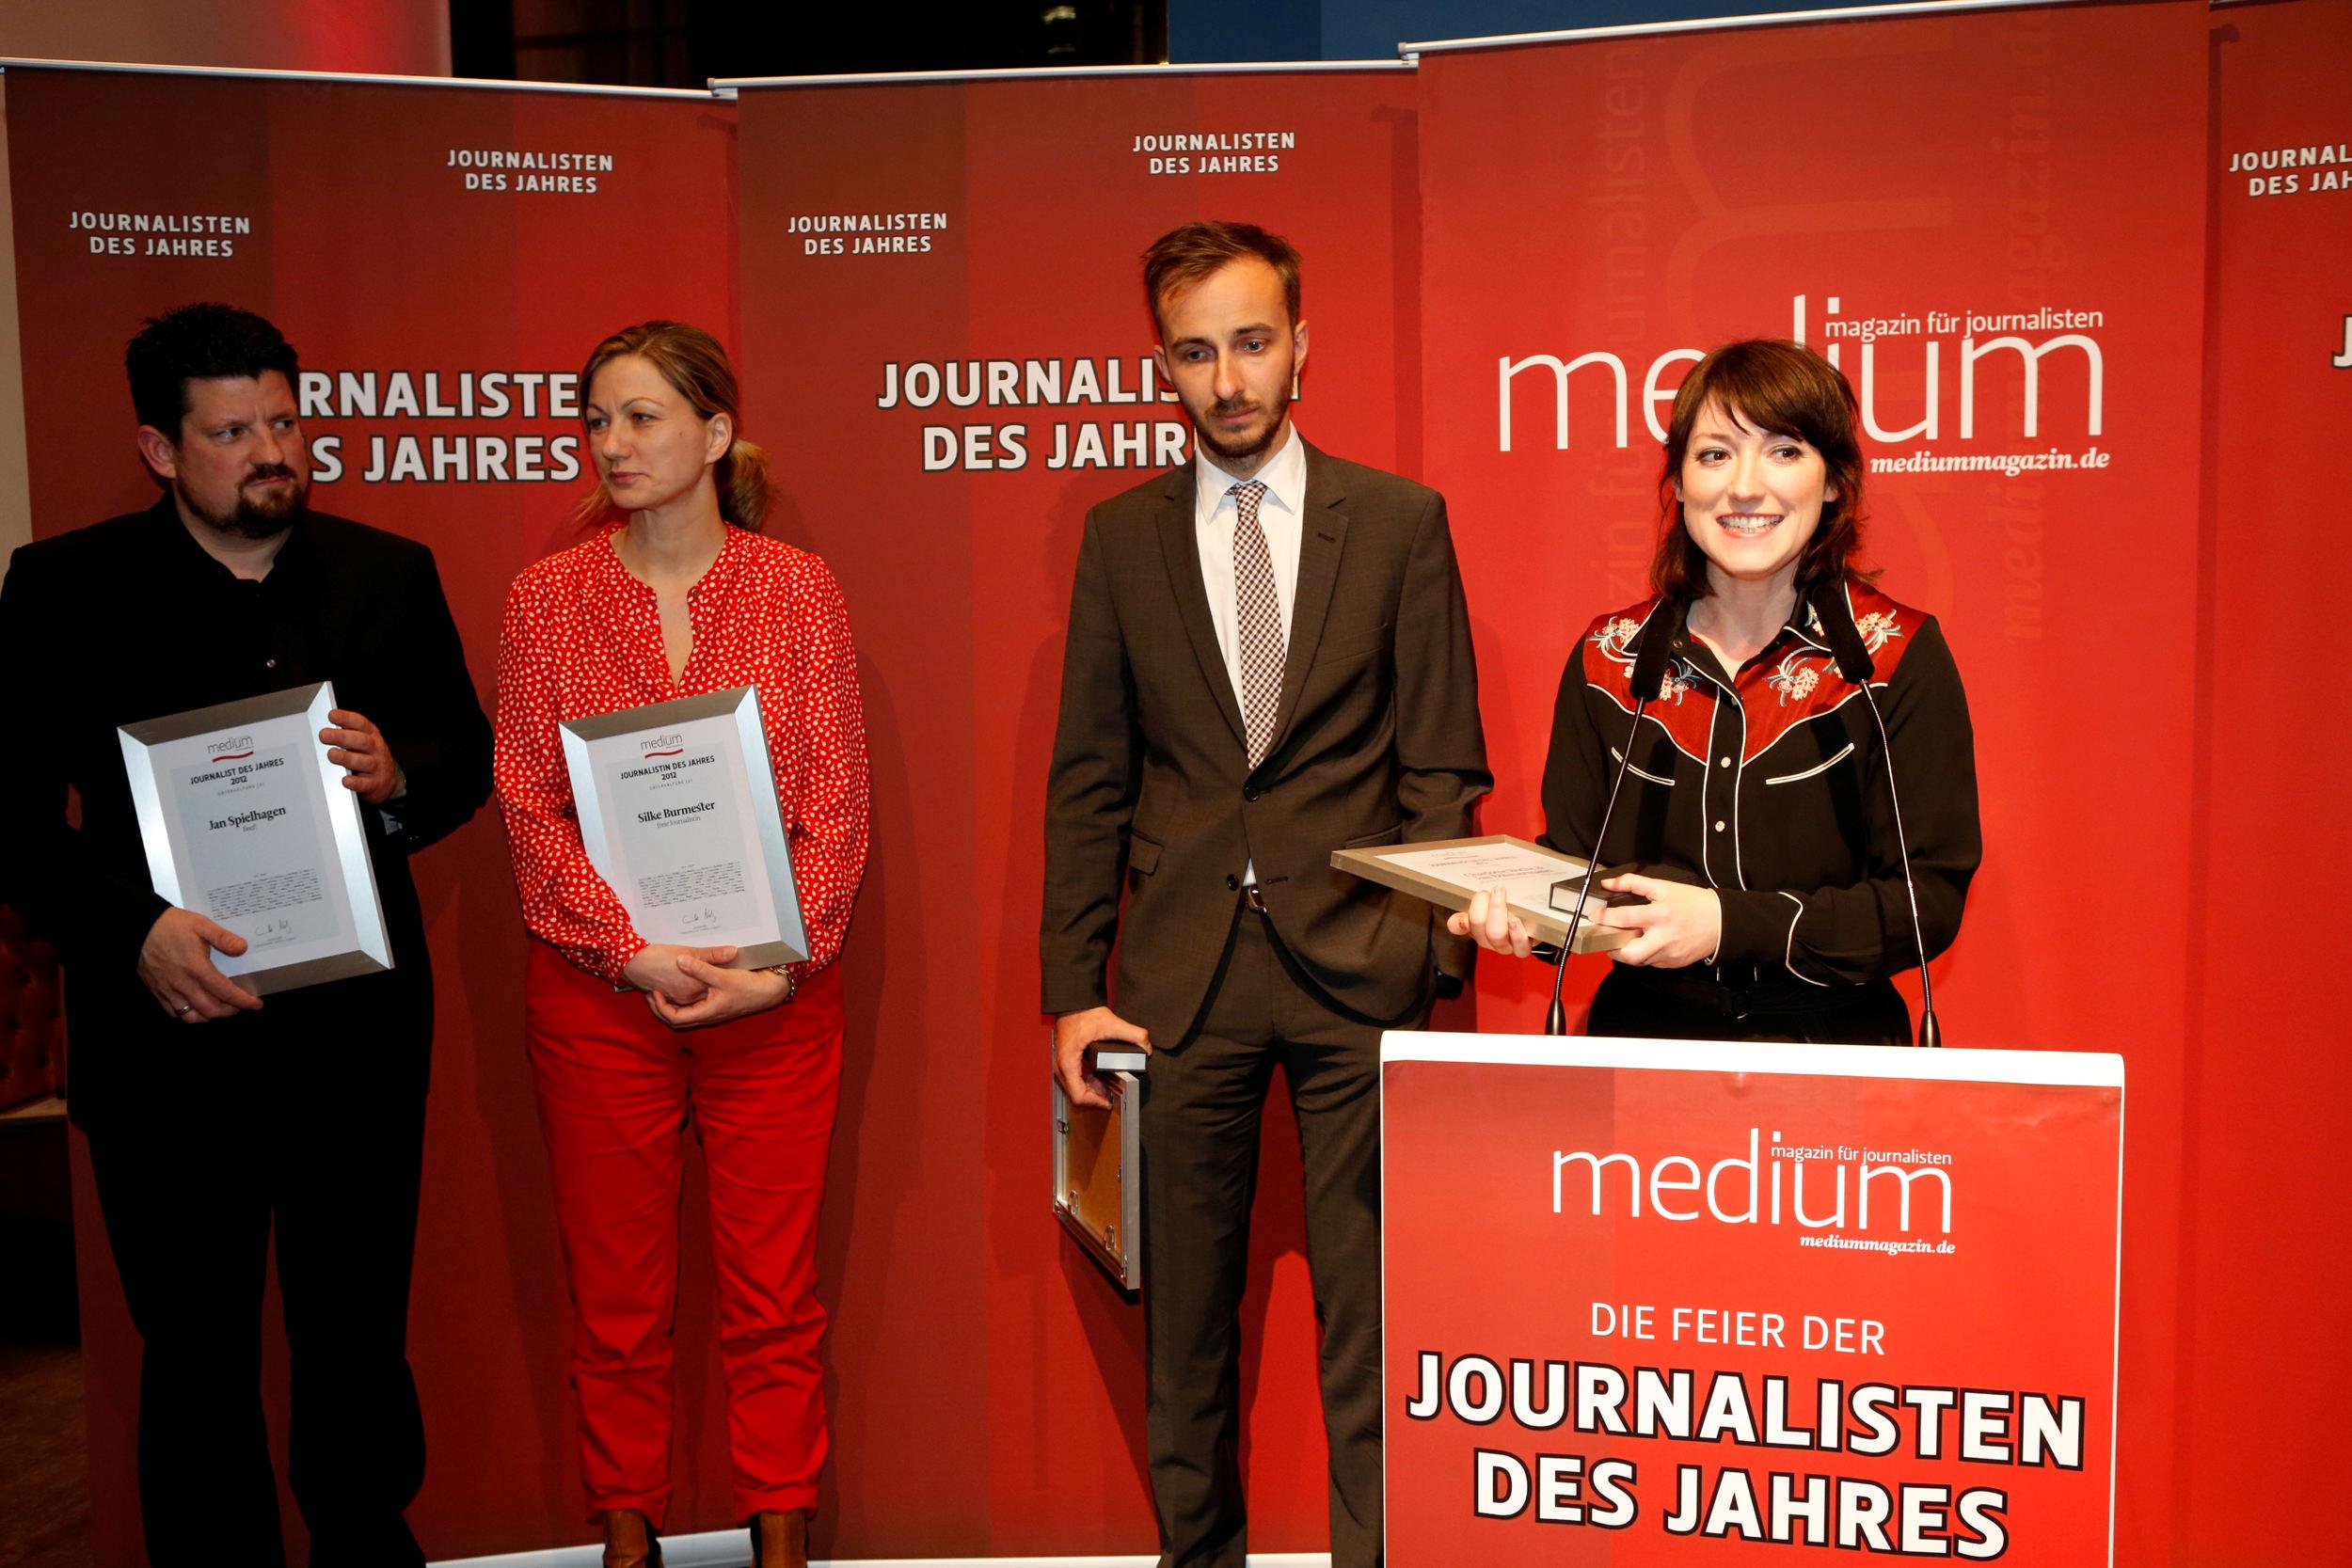 Charlotte Roche und Jan Böhmermann, Unterhaltungsjournalisten des Jahres 2012